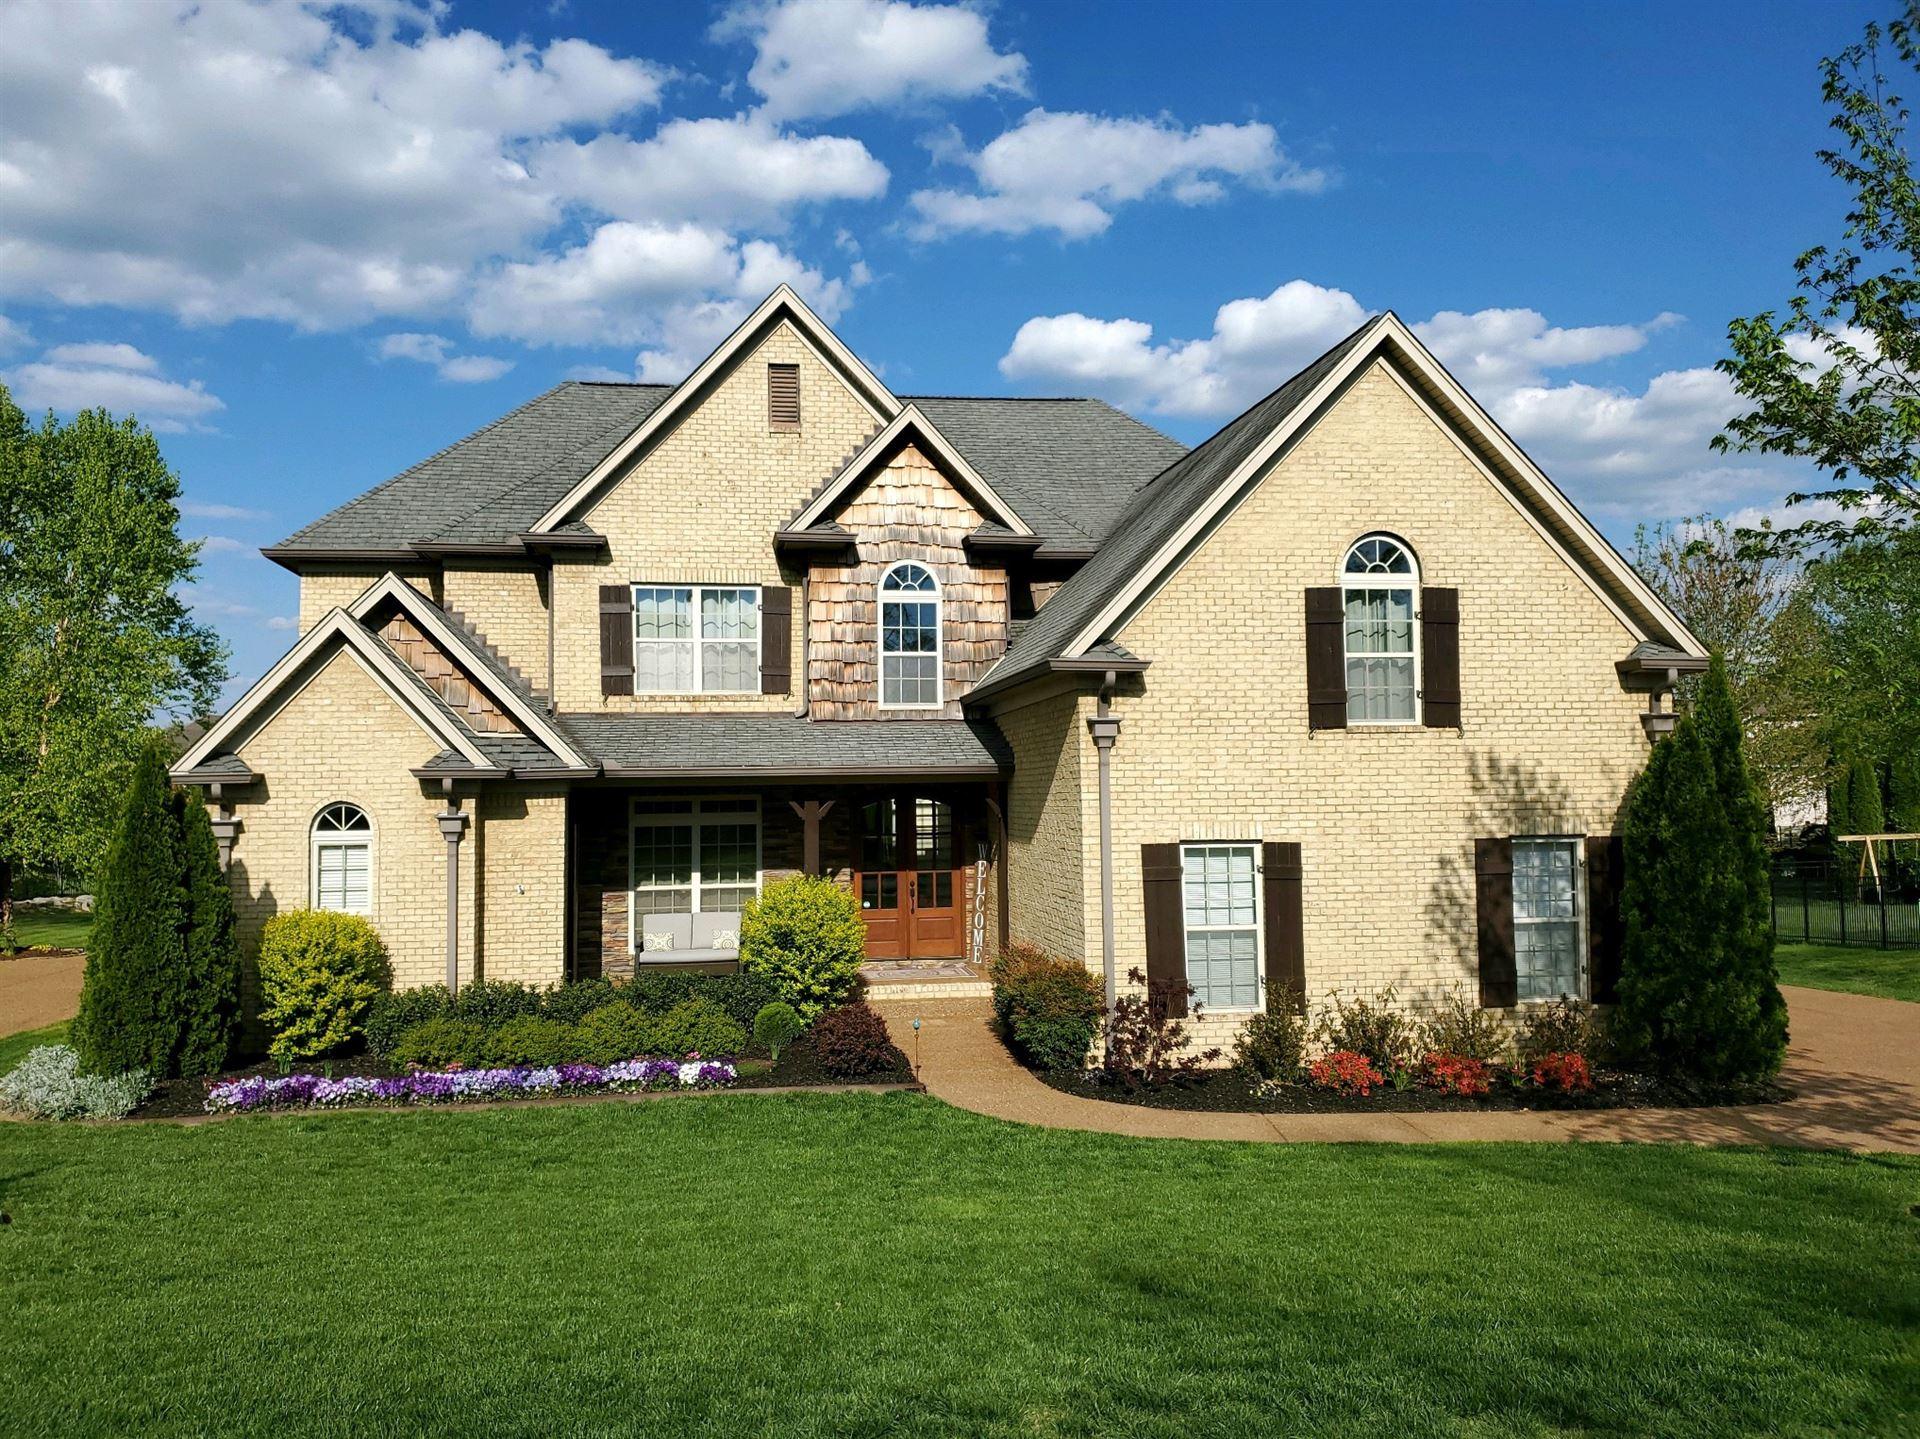 6007 Trout Ln, Spring Hill, TN 37174 - MLS#: 2249747